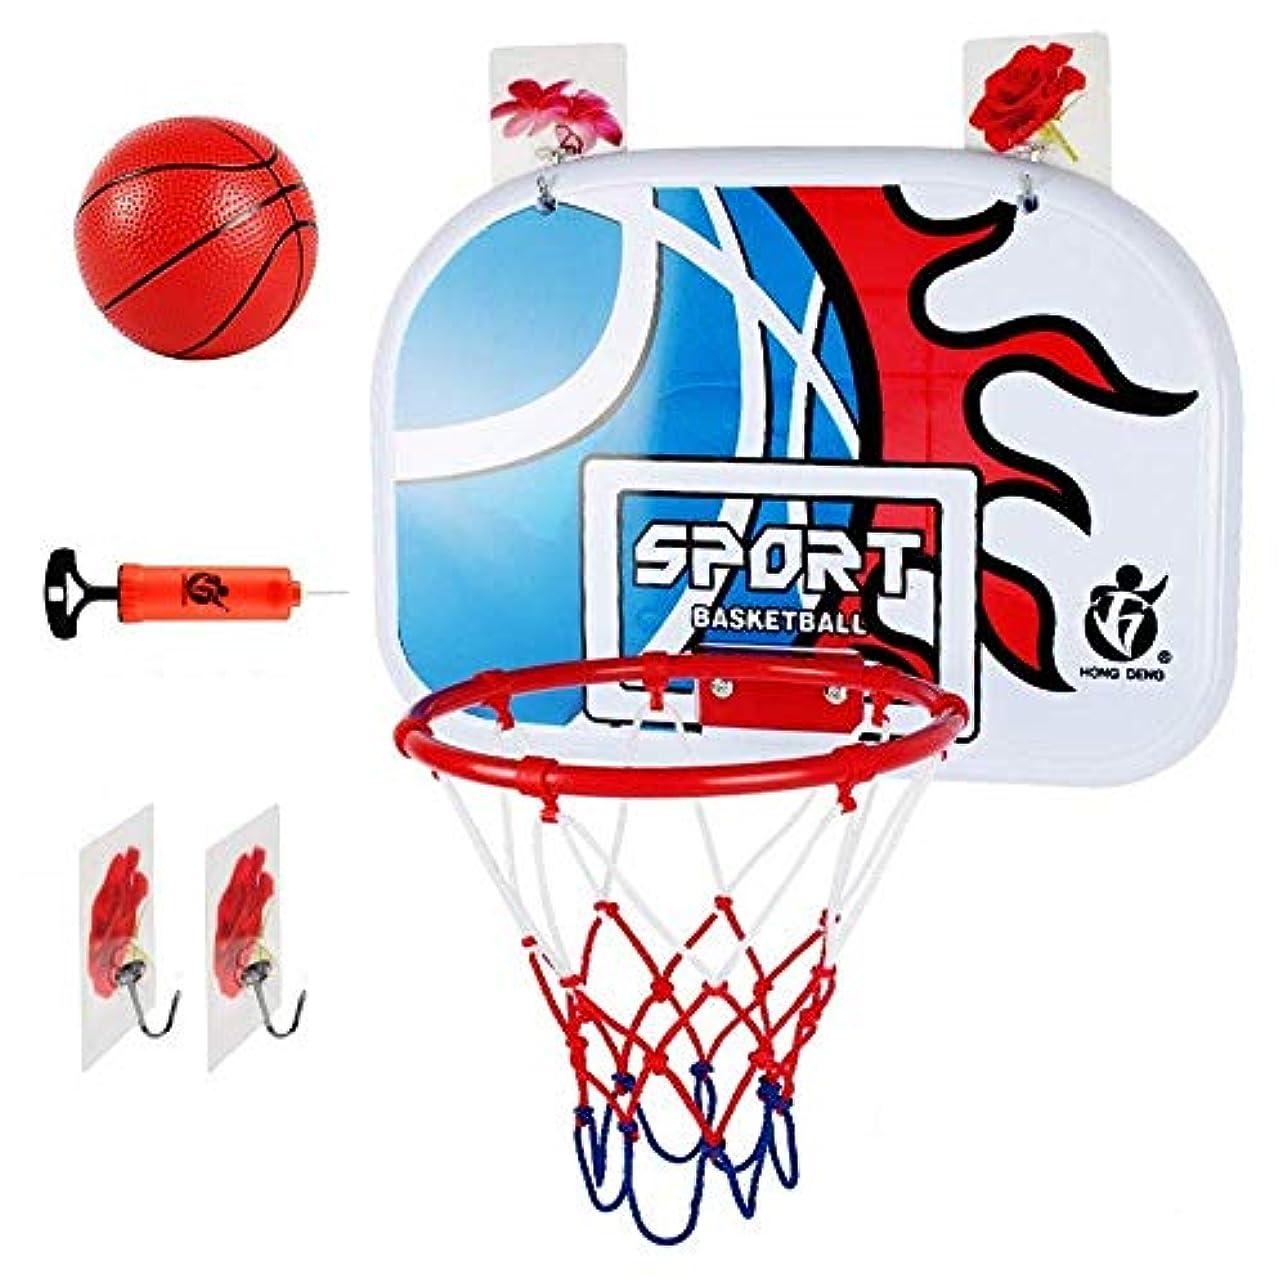 連鎖代替苦しむドアマウントの飛散防止バックボードを備えたミニバスケットボールフープ、ボールとポンプを含む、子供と大人用の親子ゲームバスケットボールシステム46.5x32.5cm